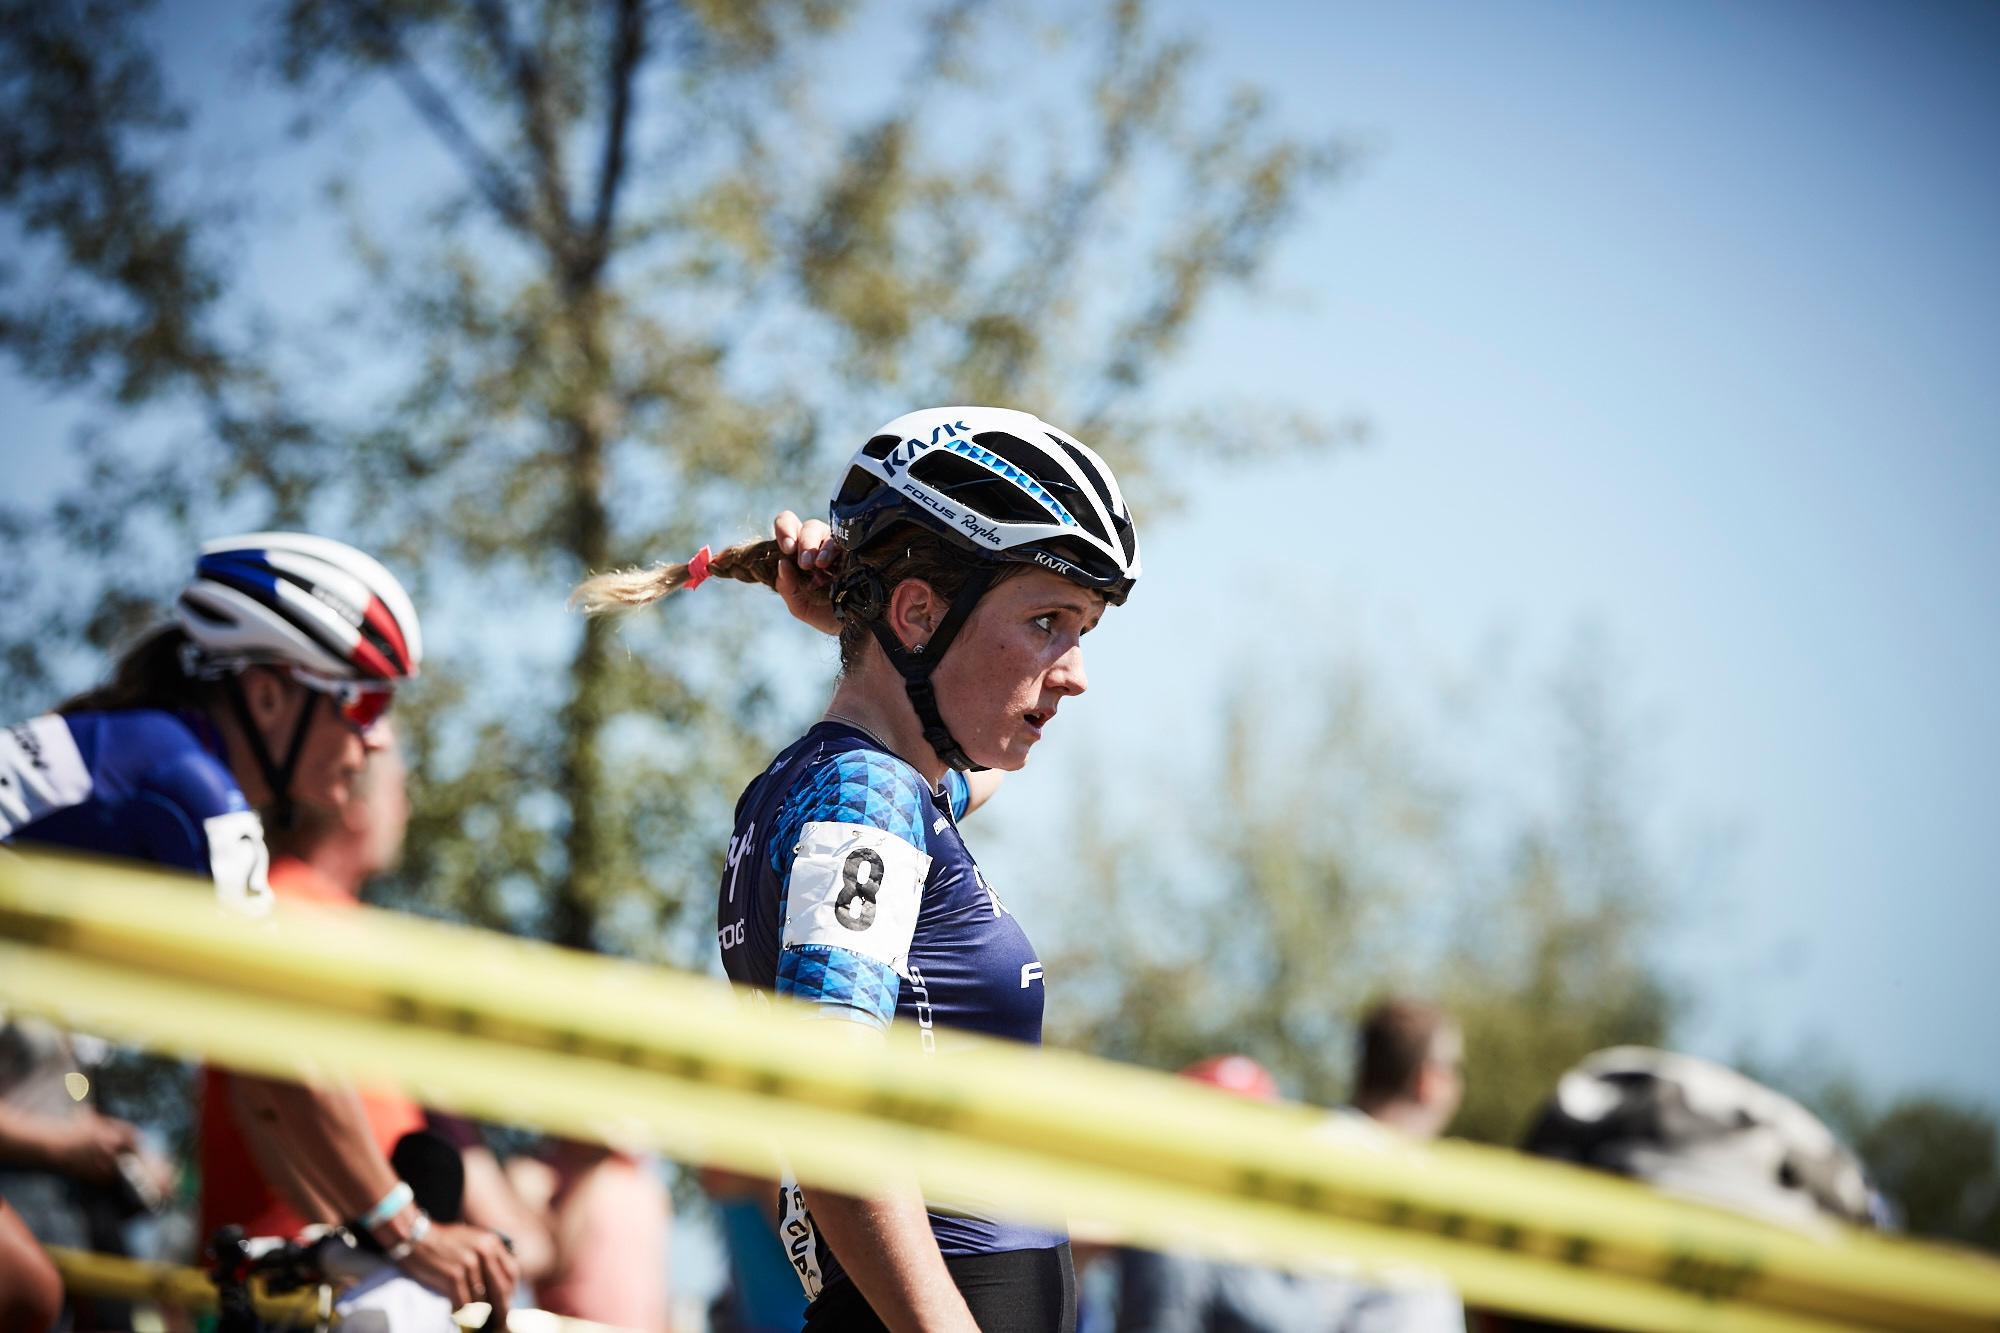 Ellen Noble 2nd, post race face 2.